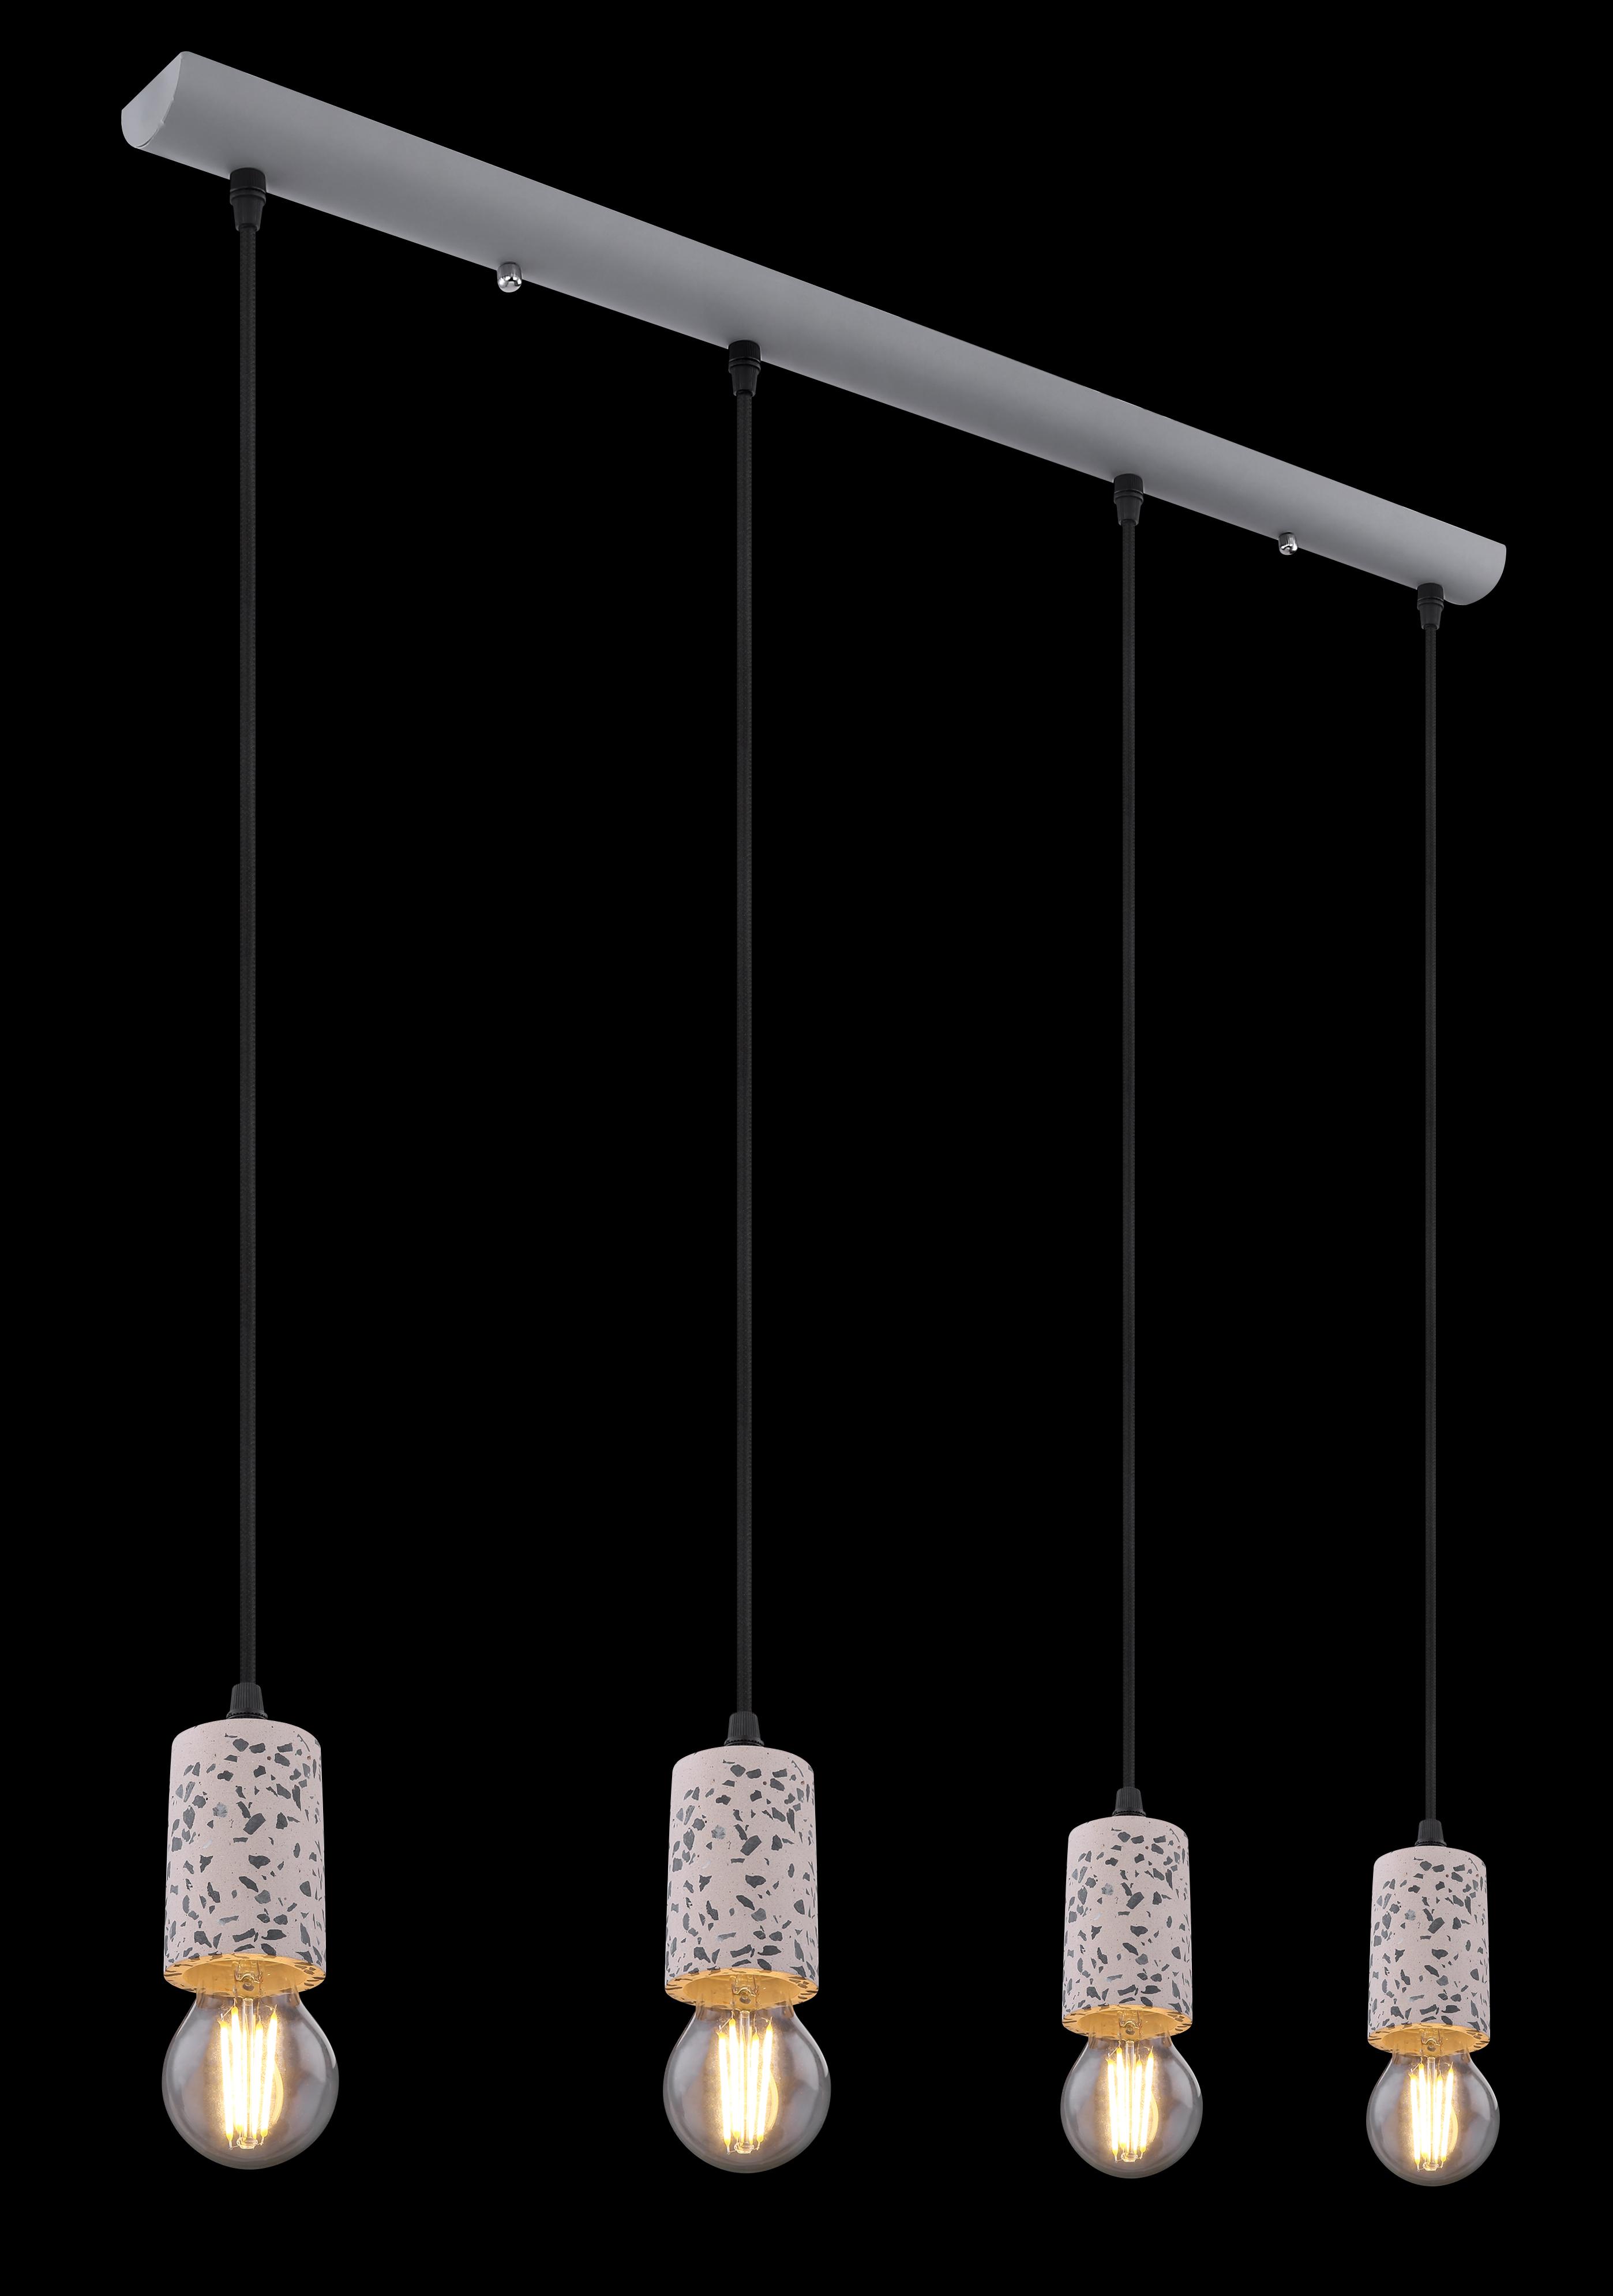 EDMUND   Globo Lighting   Leuchten   Lampen   online kaufen